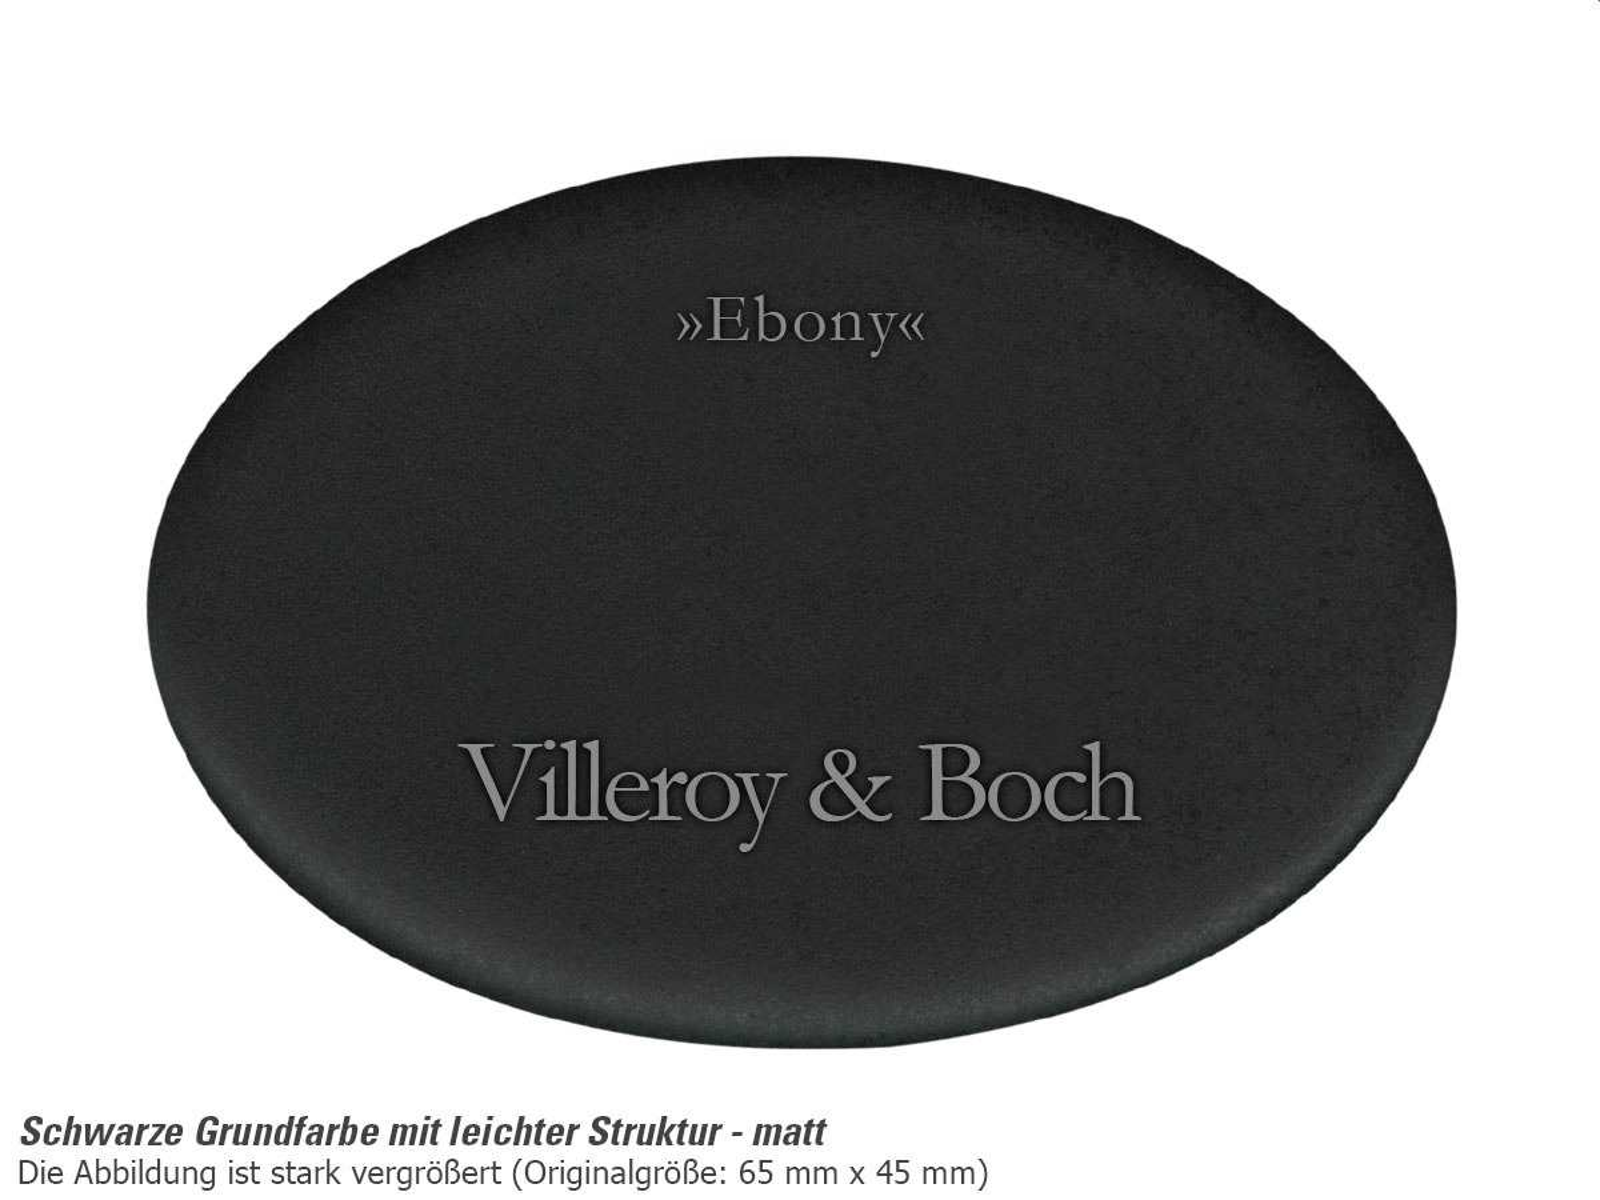 Villeroy & Boch Flavia 45 Ebony - 3306 01 S5 Keramikspüle Handbetätigung